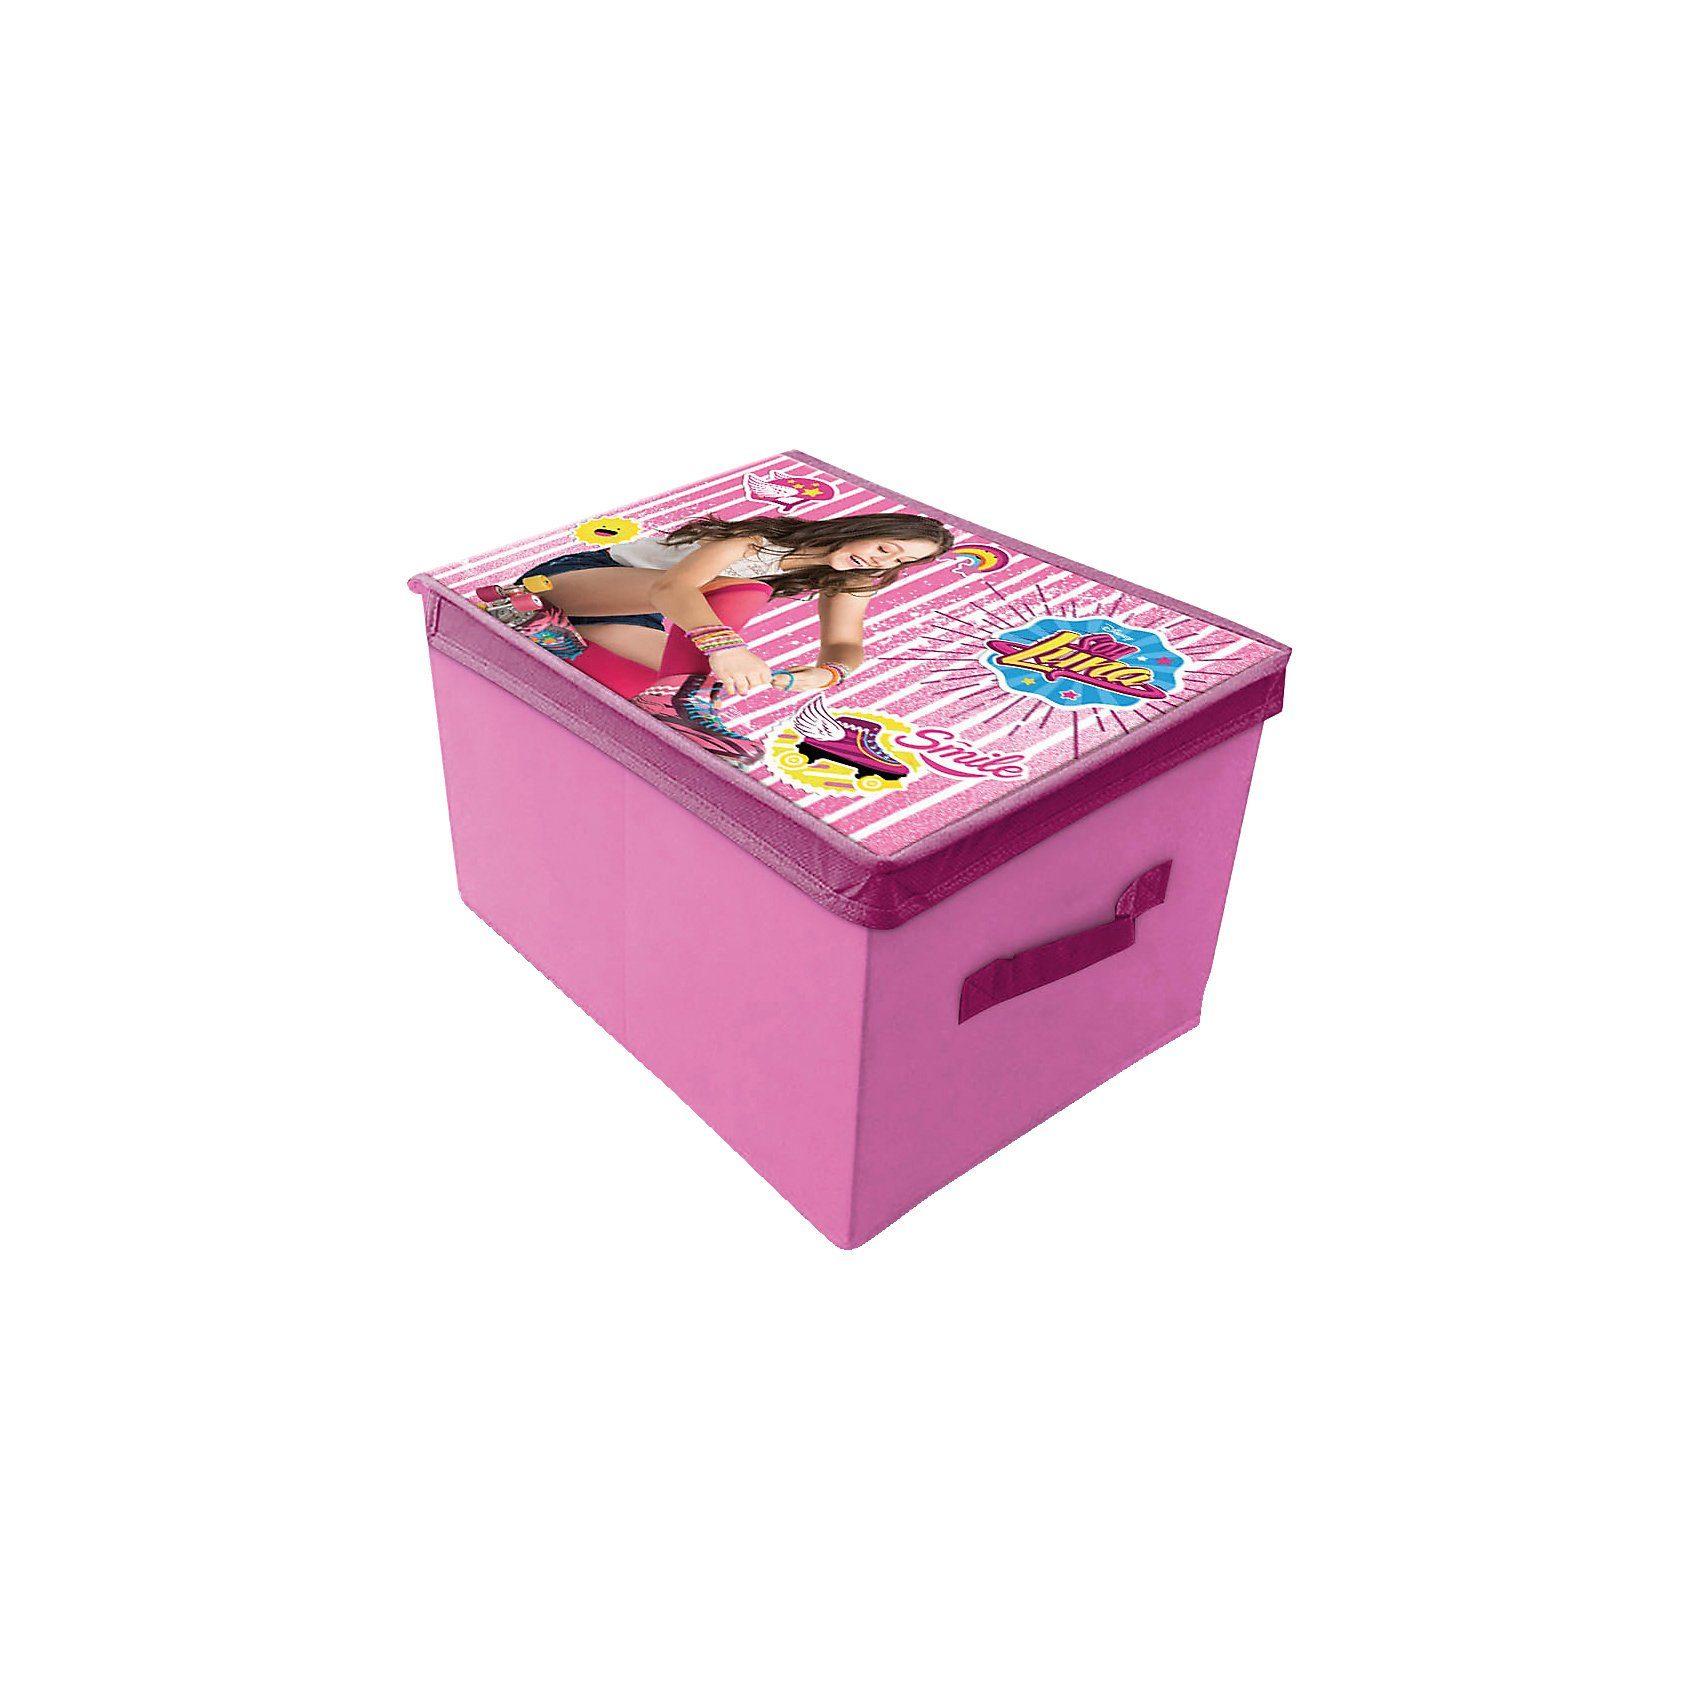 Aufbewahrungsbox Soy Luna, 40 x 30 cm